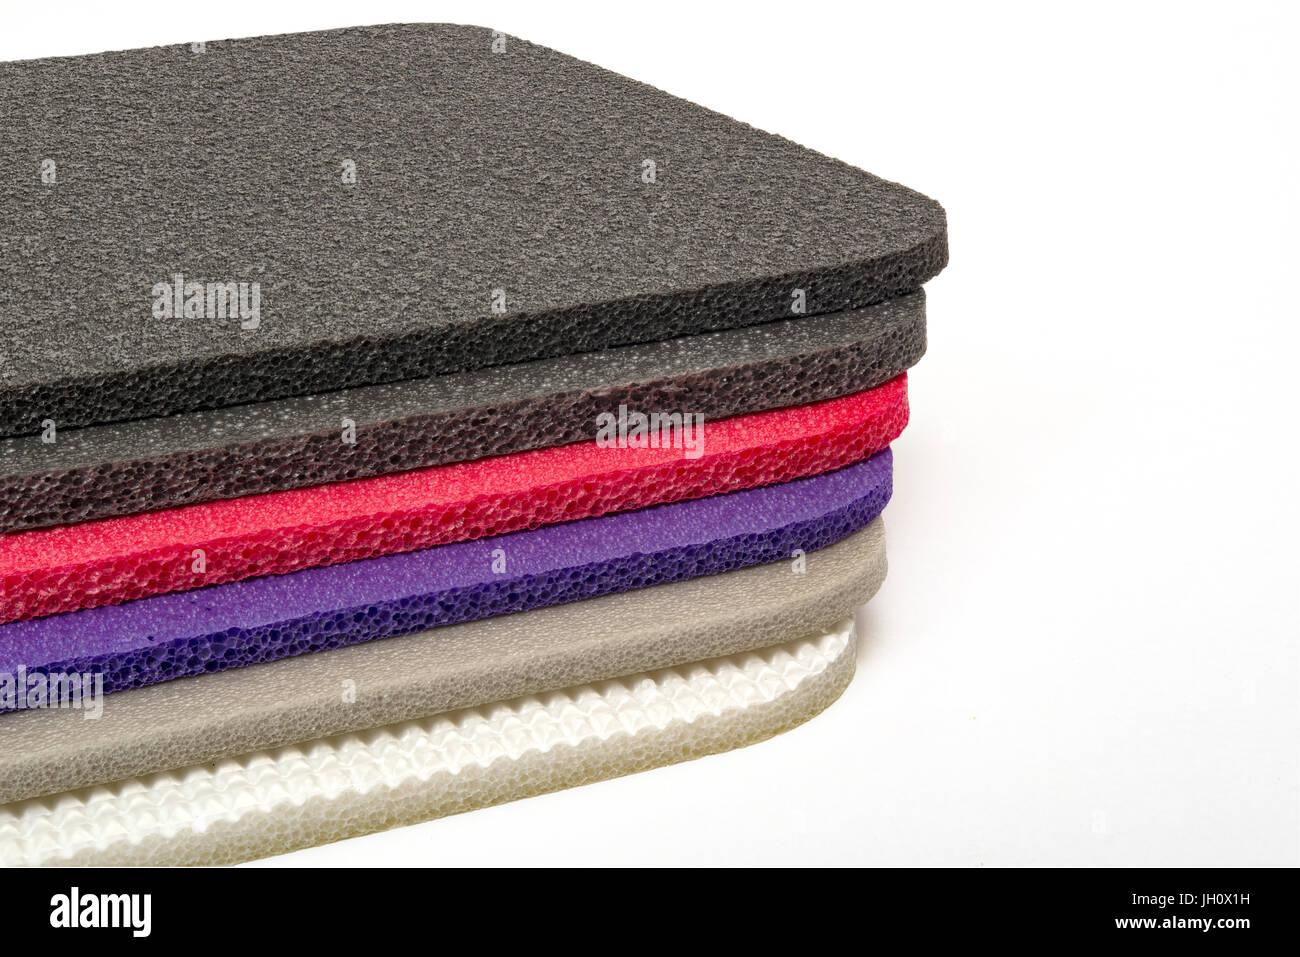 Mousse polyéthylène type Multi matériau antichoc foam colorés Banque D'Images